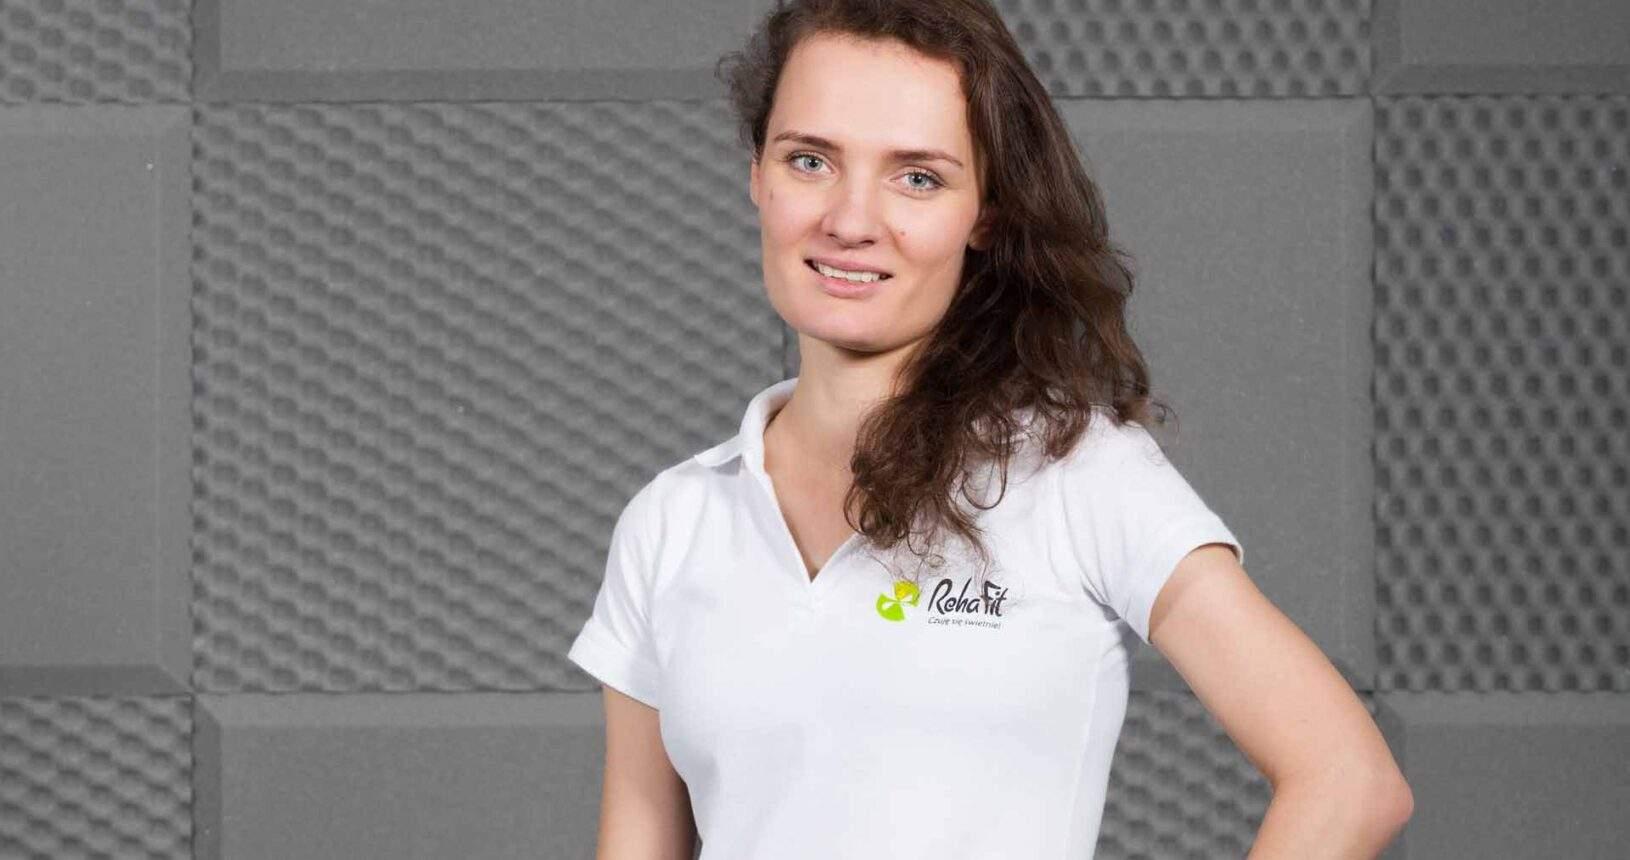 Fizjoterapeutka Lucyna Ptaszkowska z centrum RehaFit we Wrocławiu specjalizująca się w rehabilitacji uroginekologicznej.